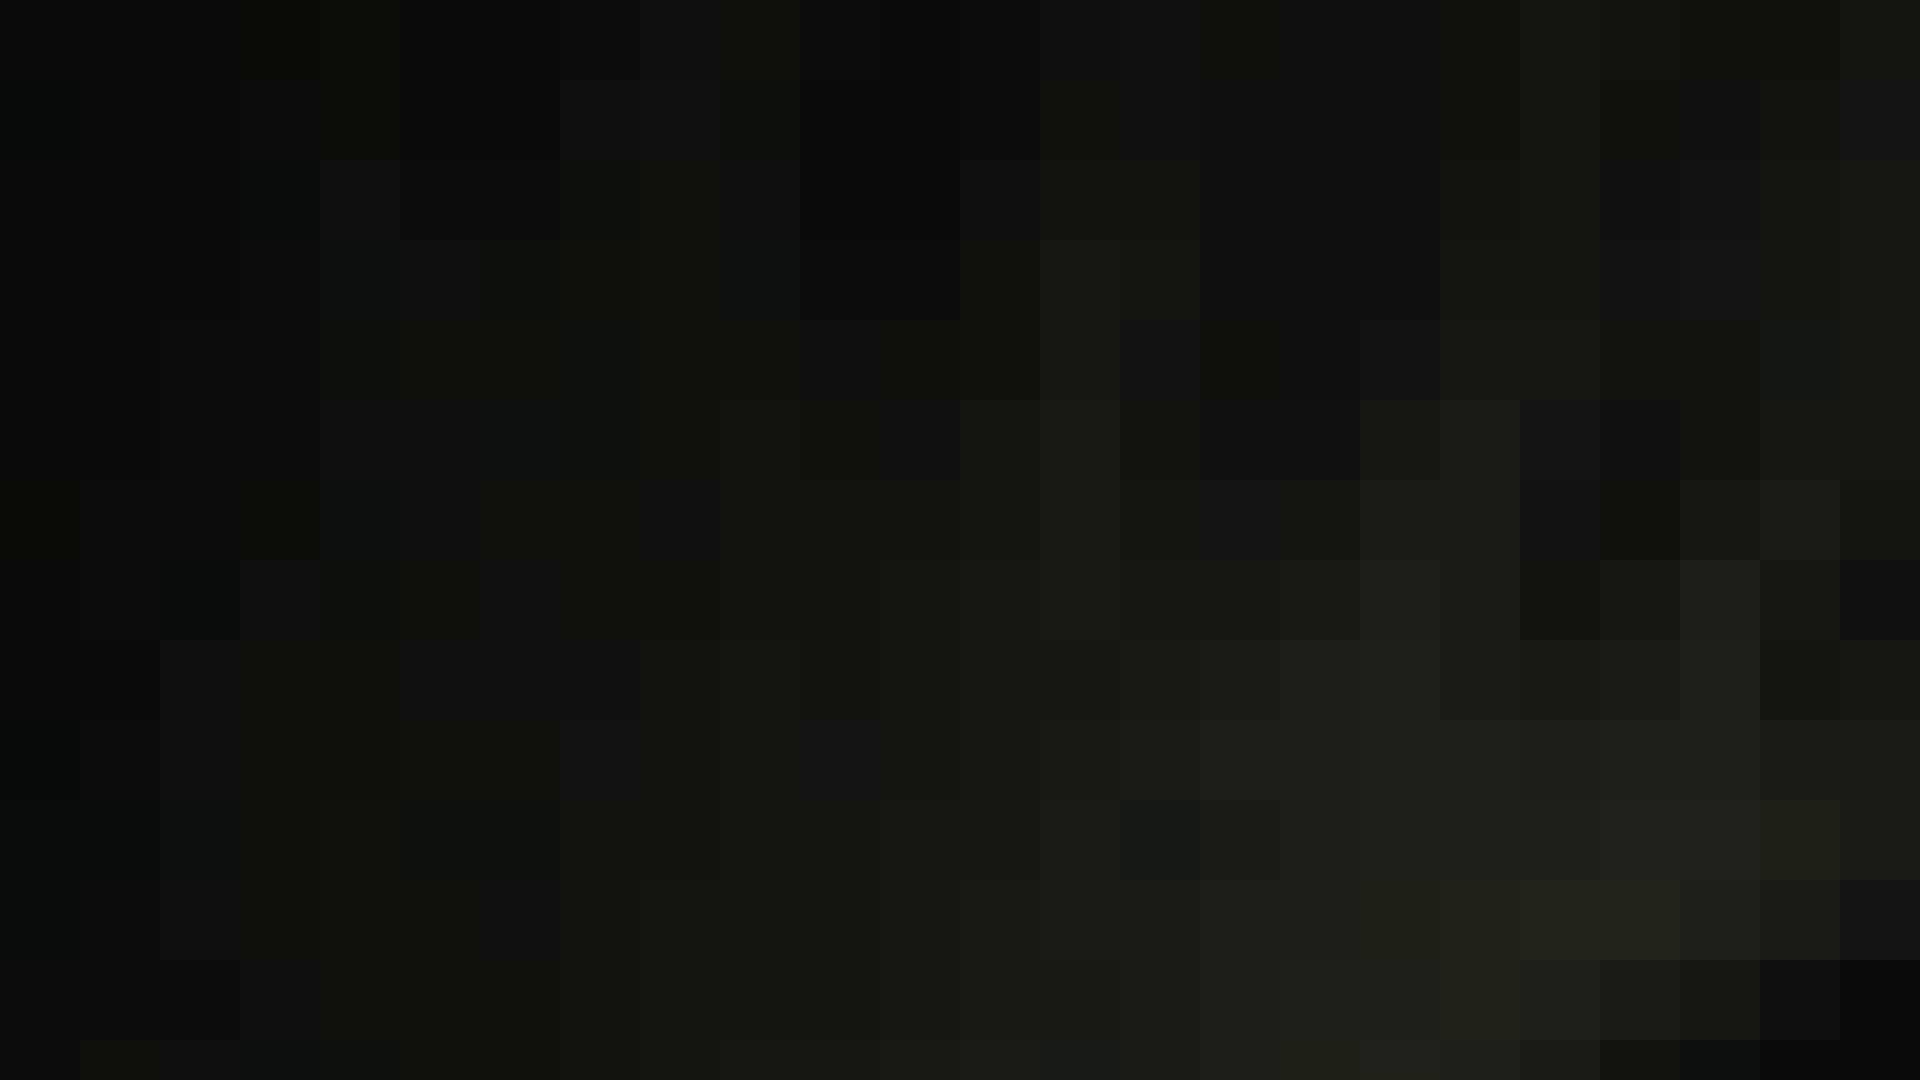 阿国ちゃんの「和式洋式七変化」No.18 iBO(フタコブ) 洗面所  112pic 90